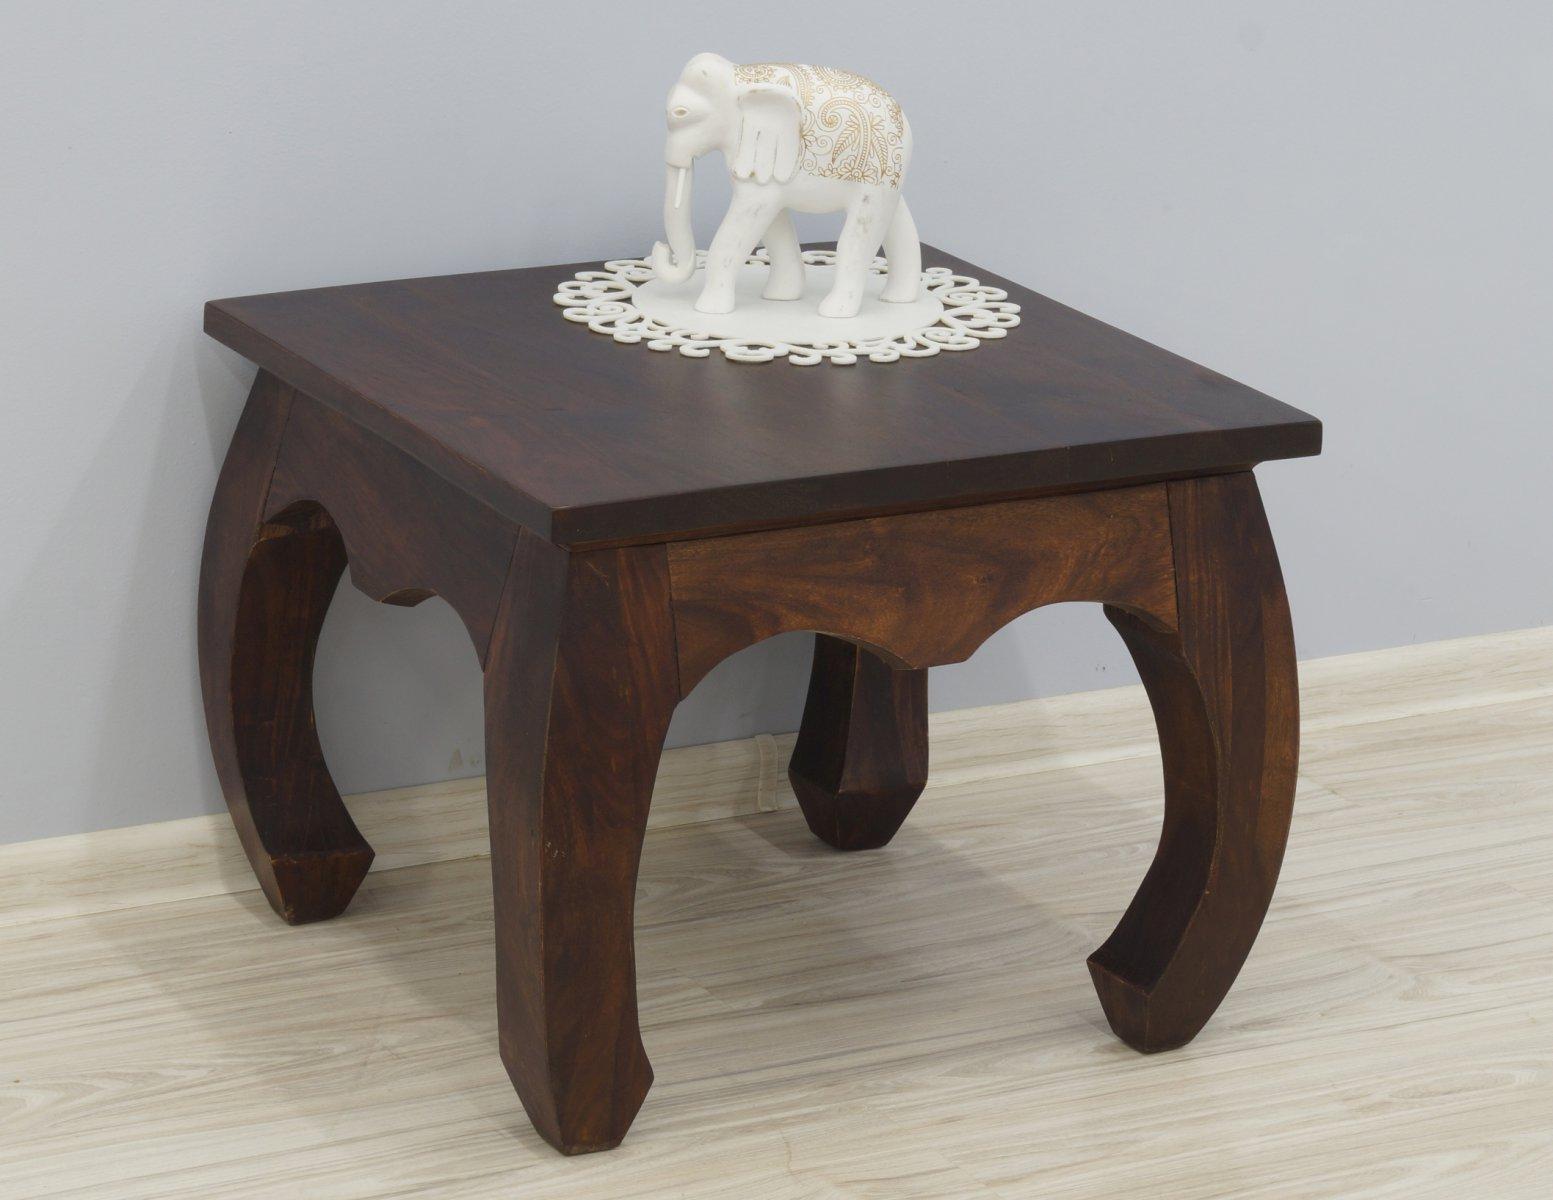 Stolik kawowy kolonialny lite drewno palisander indyjski kwadratowy stylowy gięte nogi ciemny brąz